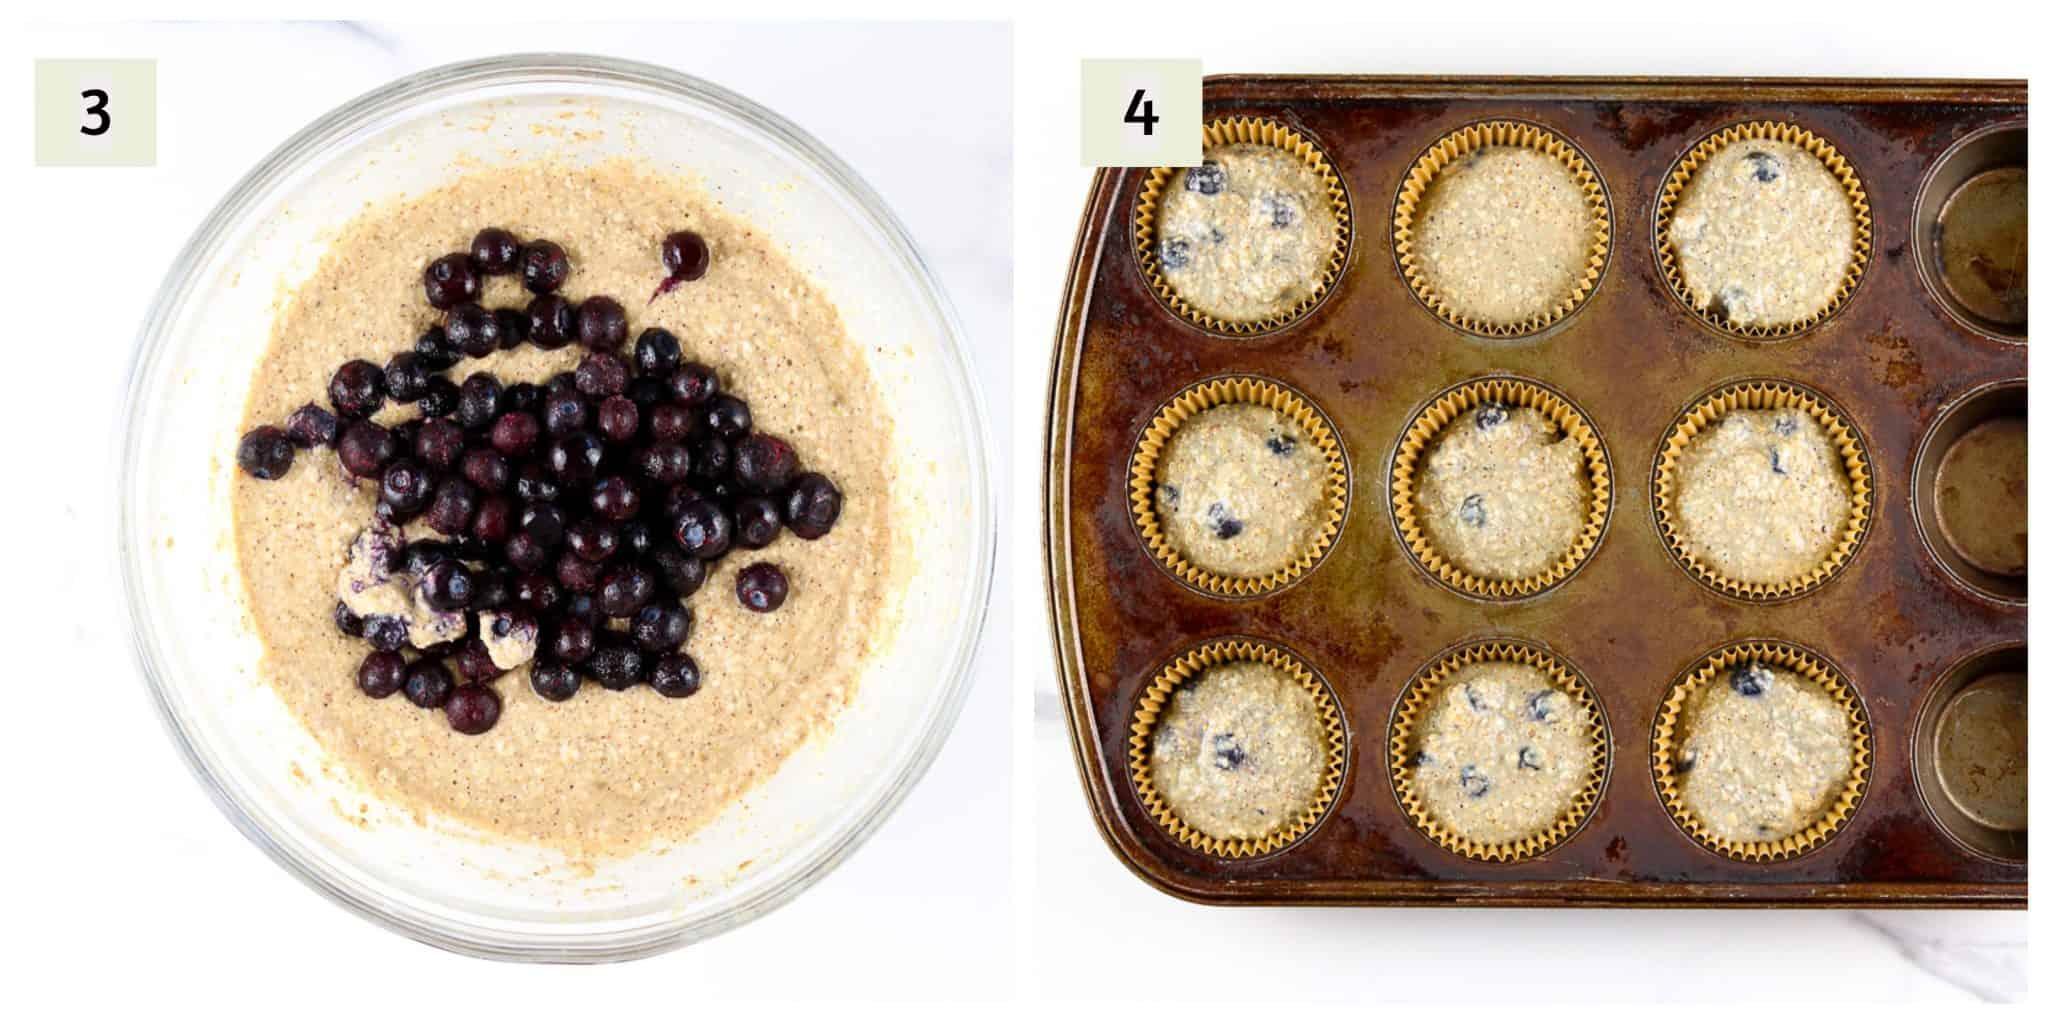 Process shots to make muffins.